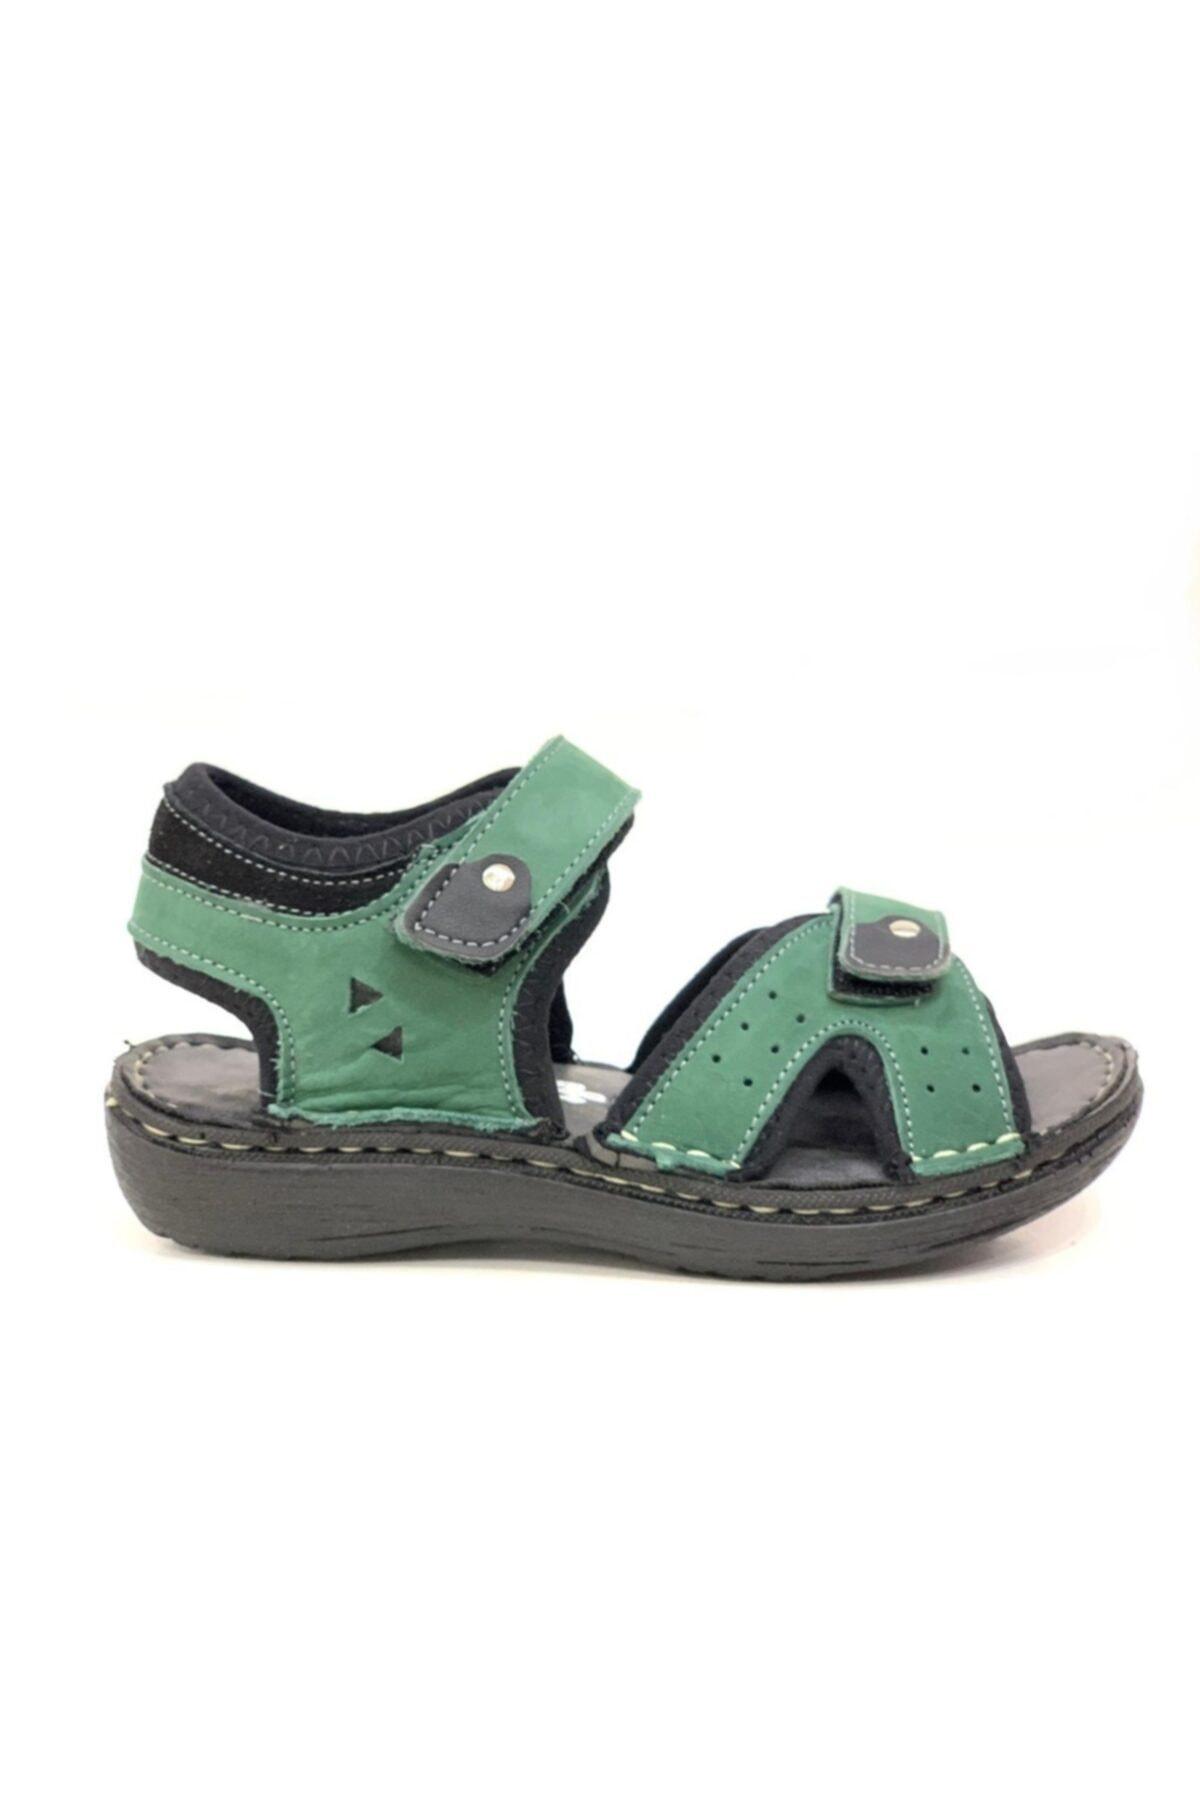 Toddler Erkek Çocuk Yeşil Hakiki Deri Sandalet 1